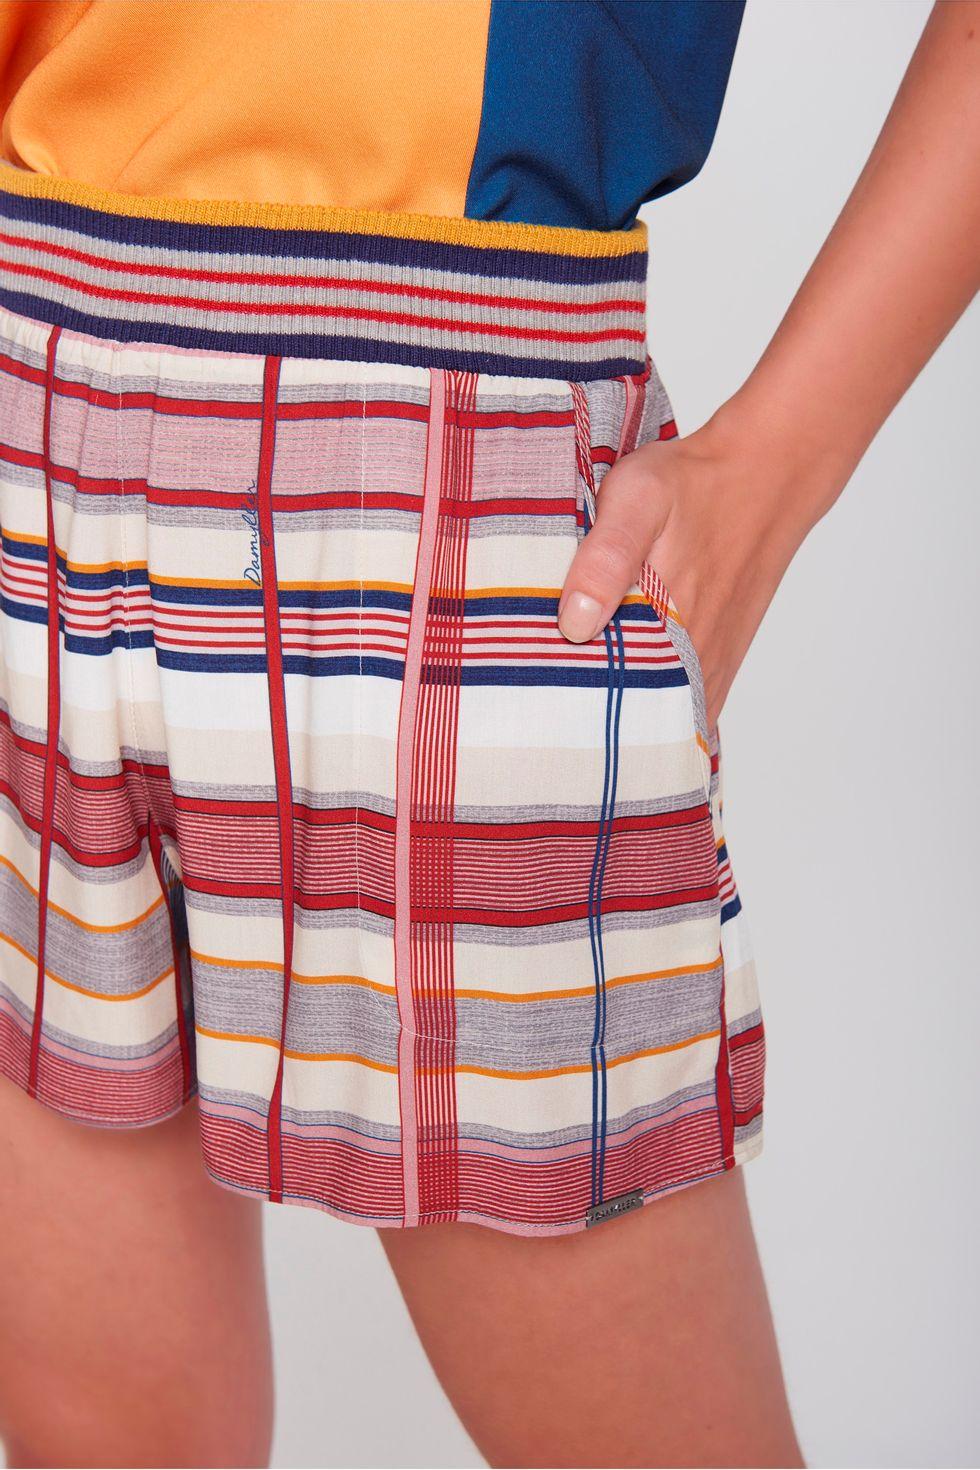 Shorts-Jogger-de-Alfaiataria-Detalhe--